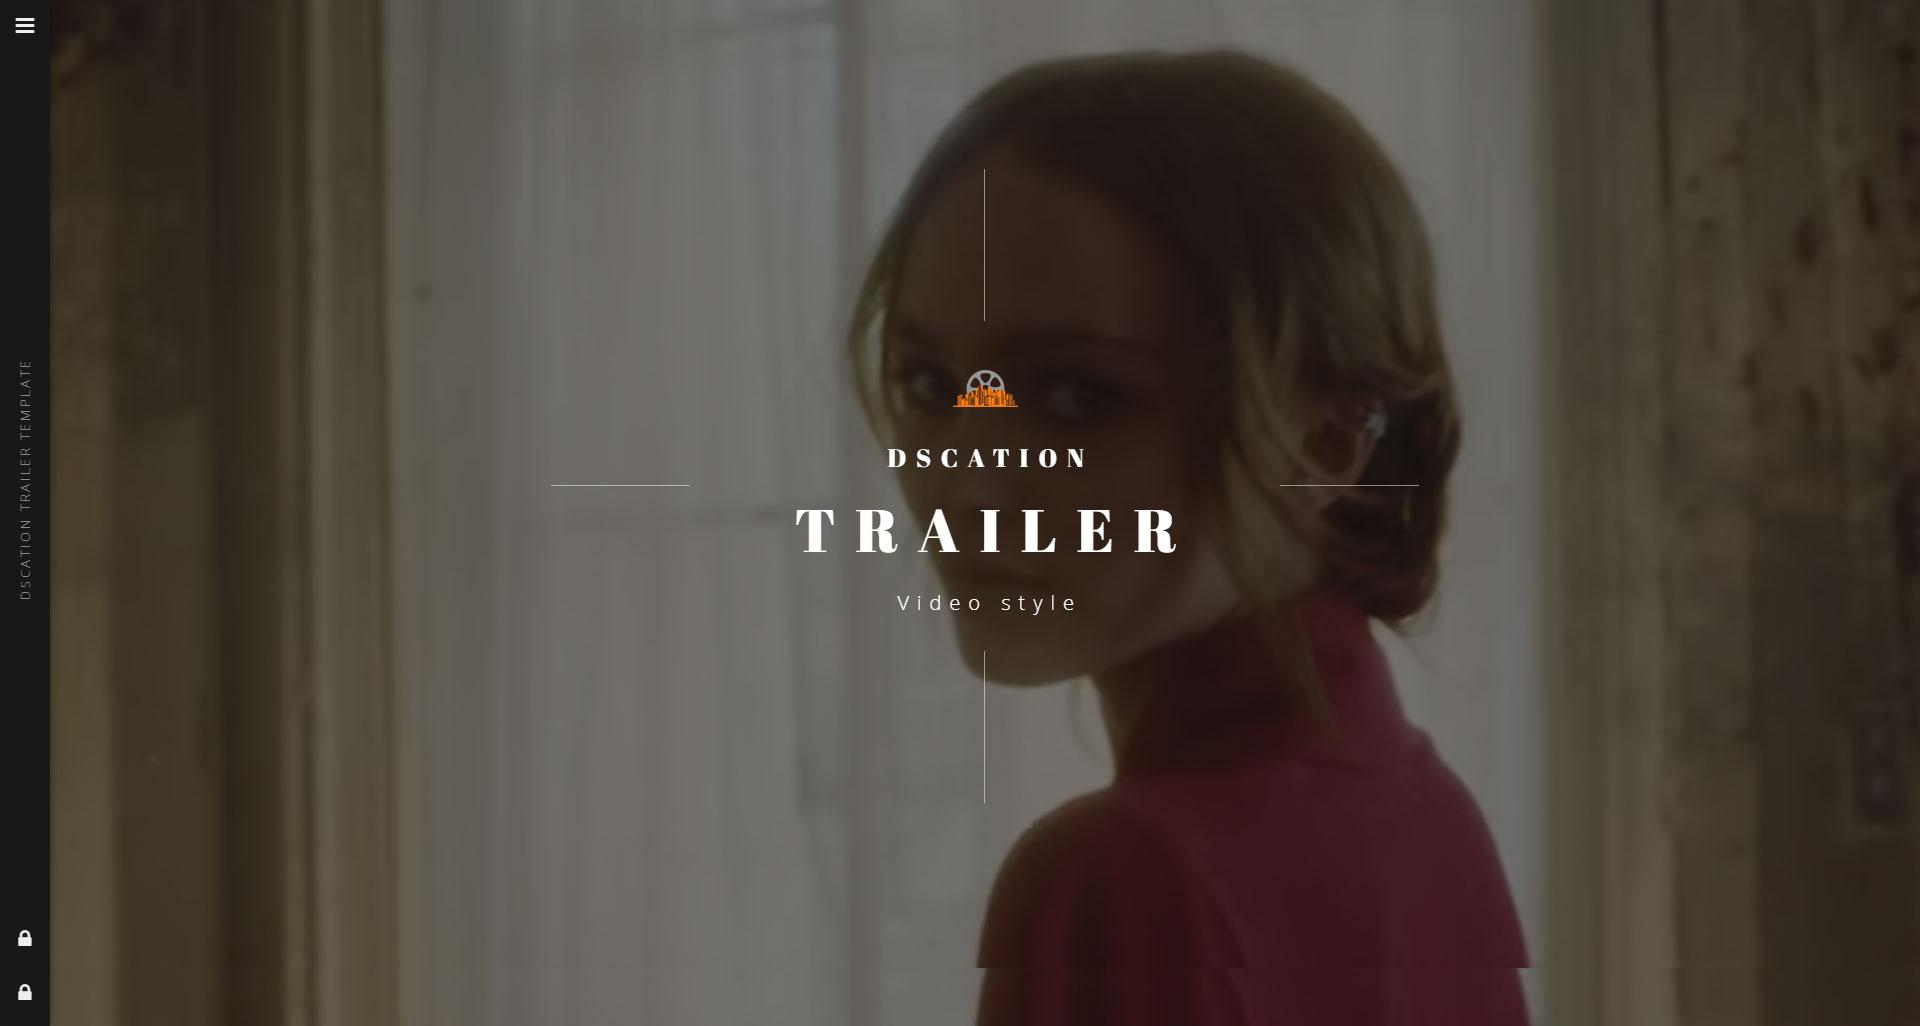 trailer_01.jpg